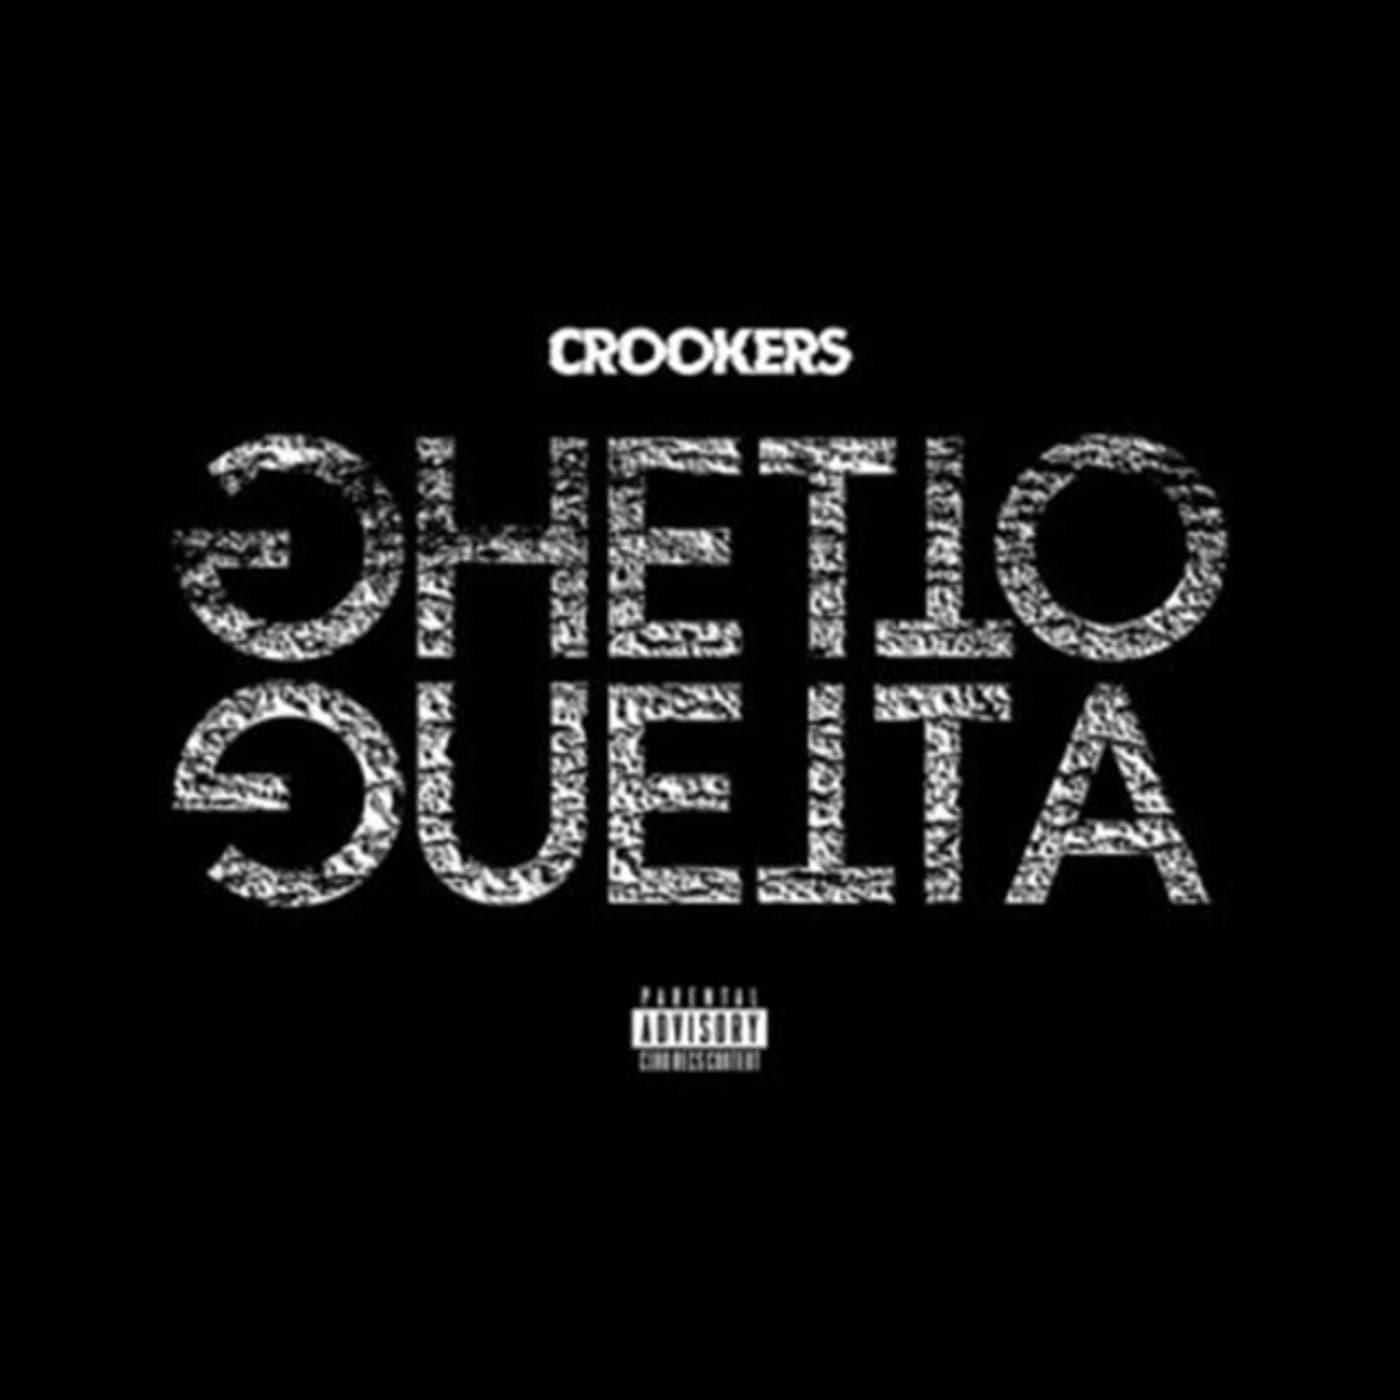 crookers ghetto guetta